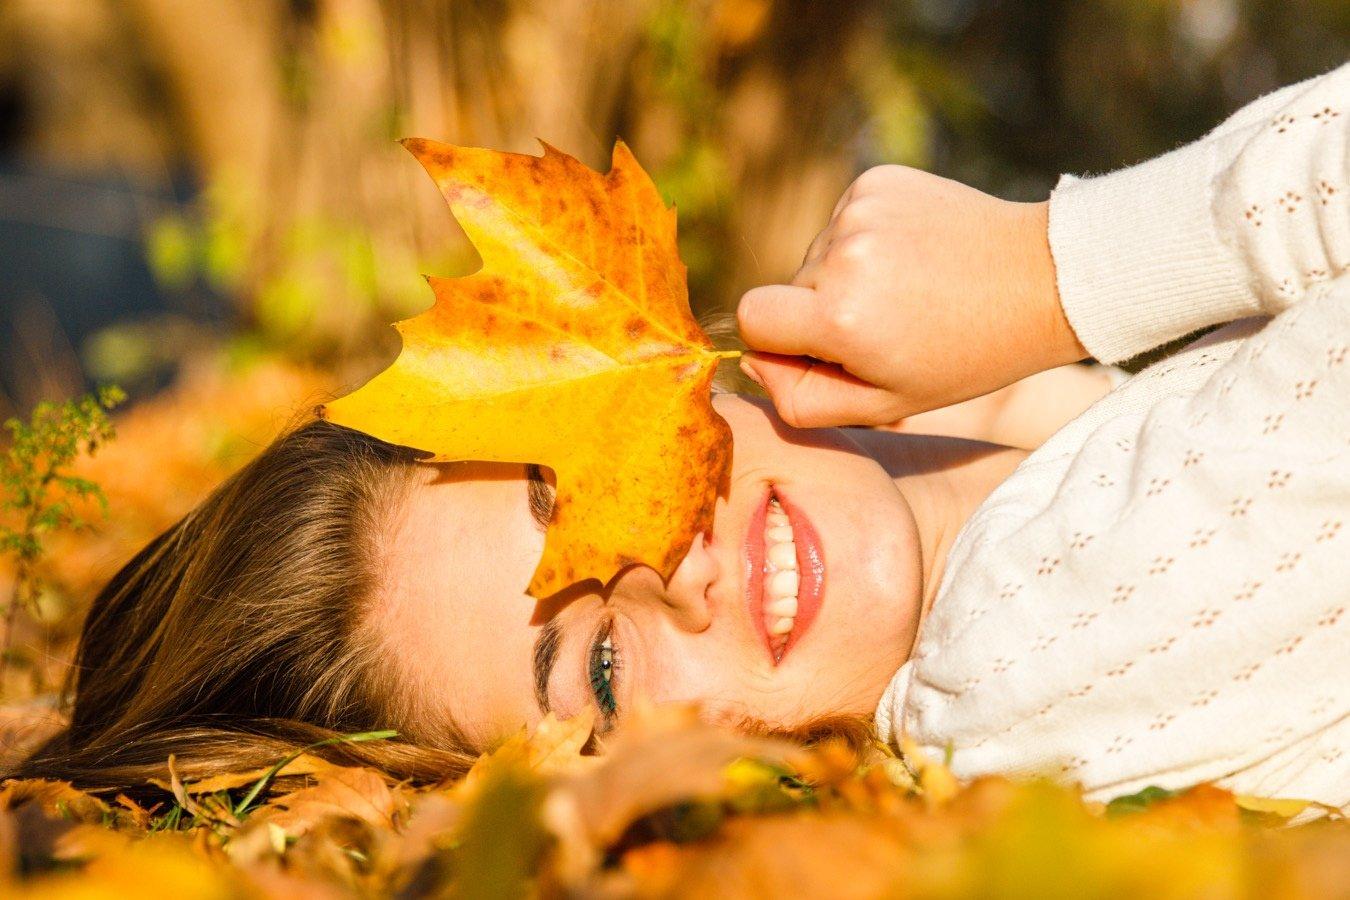 тихой осень грустная и теплая картинки печь